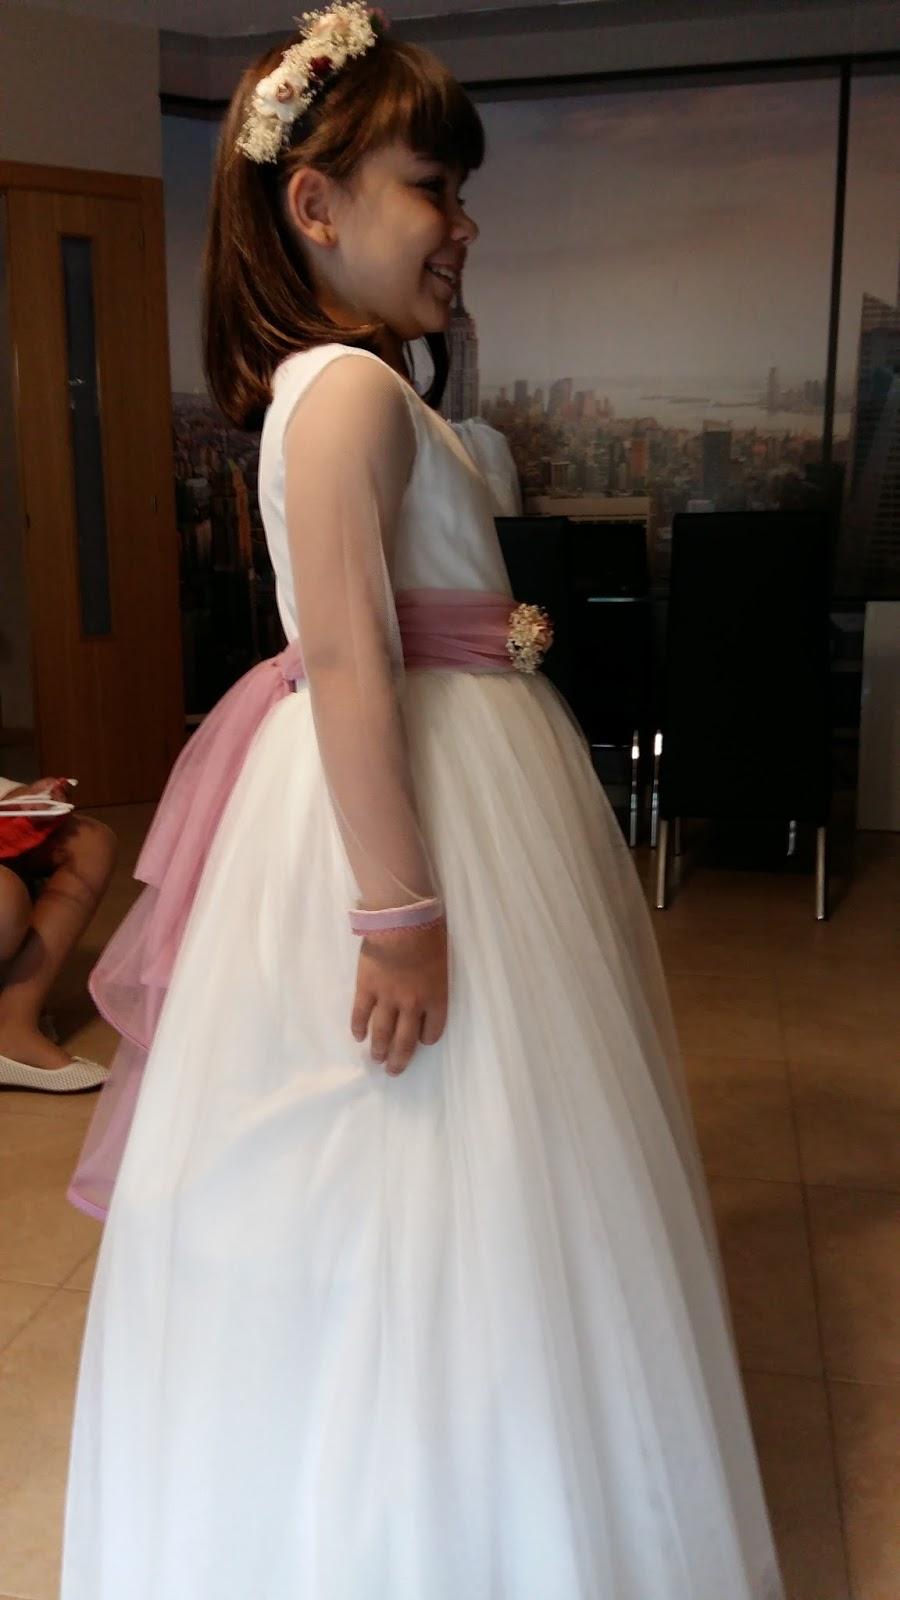 b9406e465e Un vestido muy sencillo realizado en tul